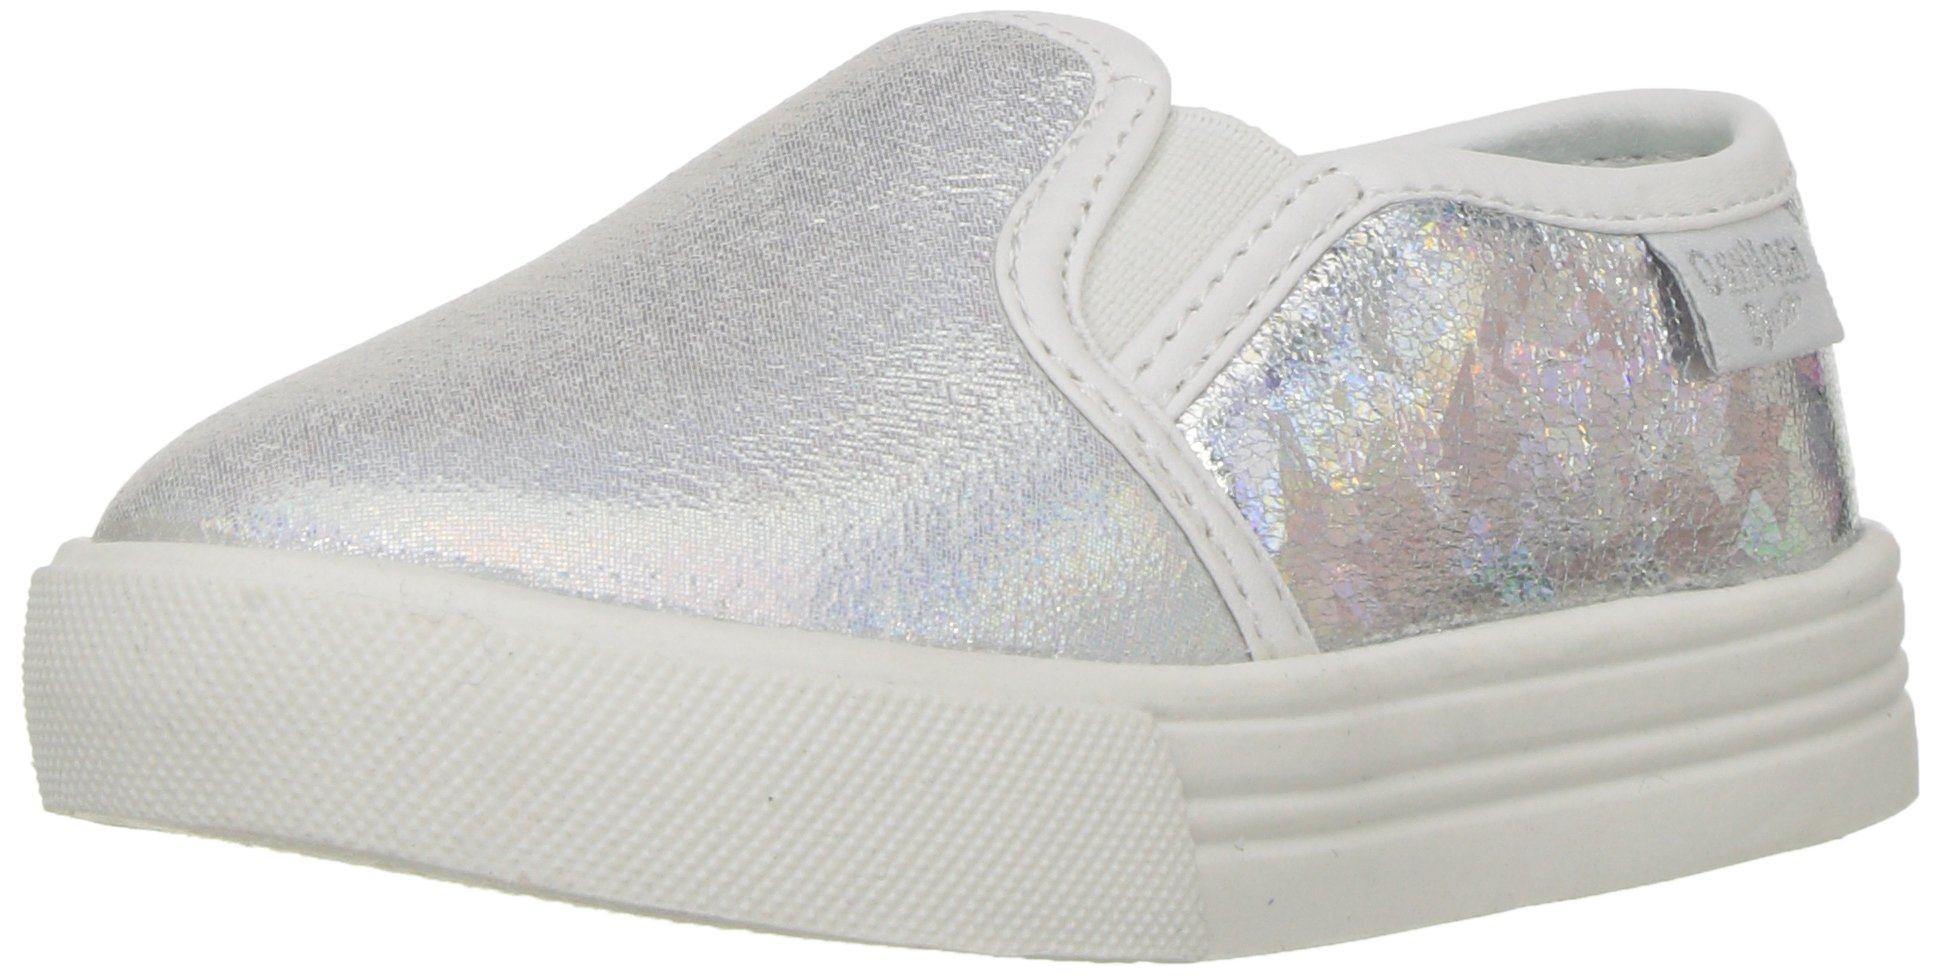 OshKosh B'Gosh Edie Girl's Casual Slip-On Sneaker, Multi Color, 6 M US Toddler